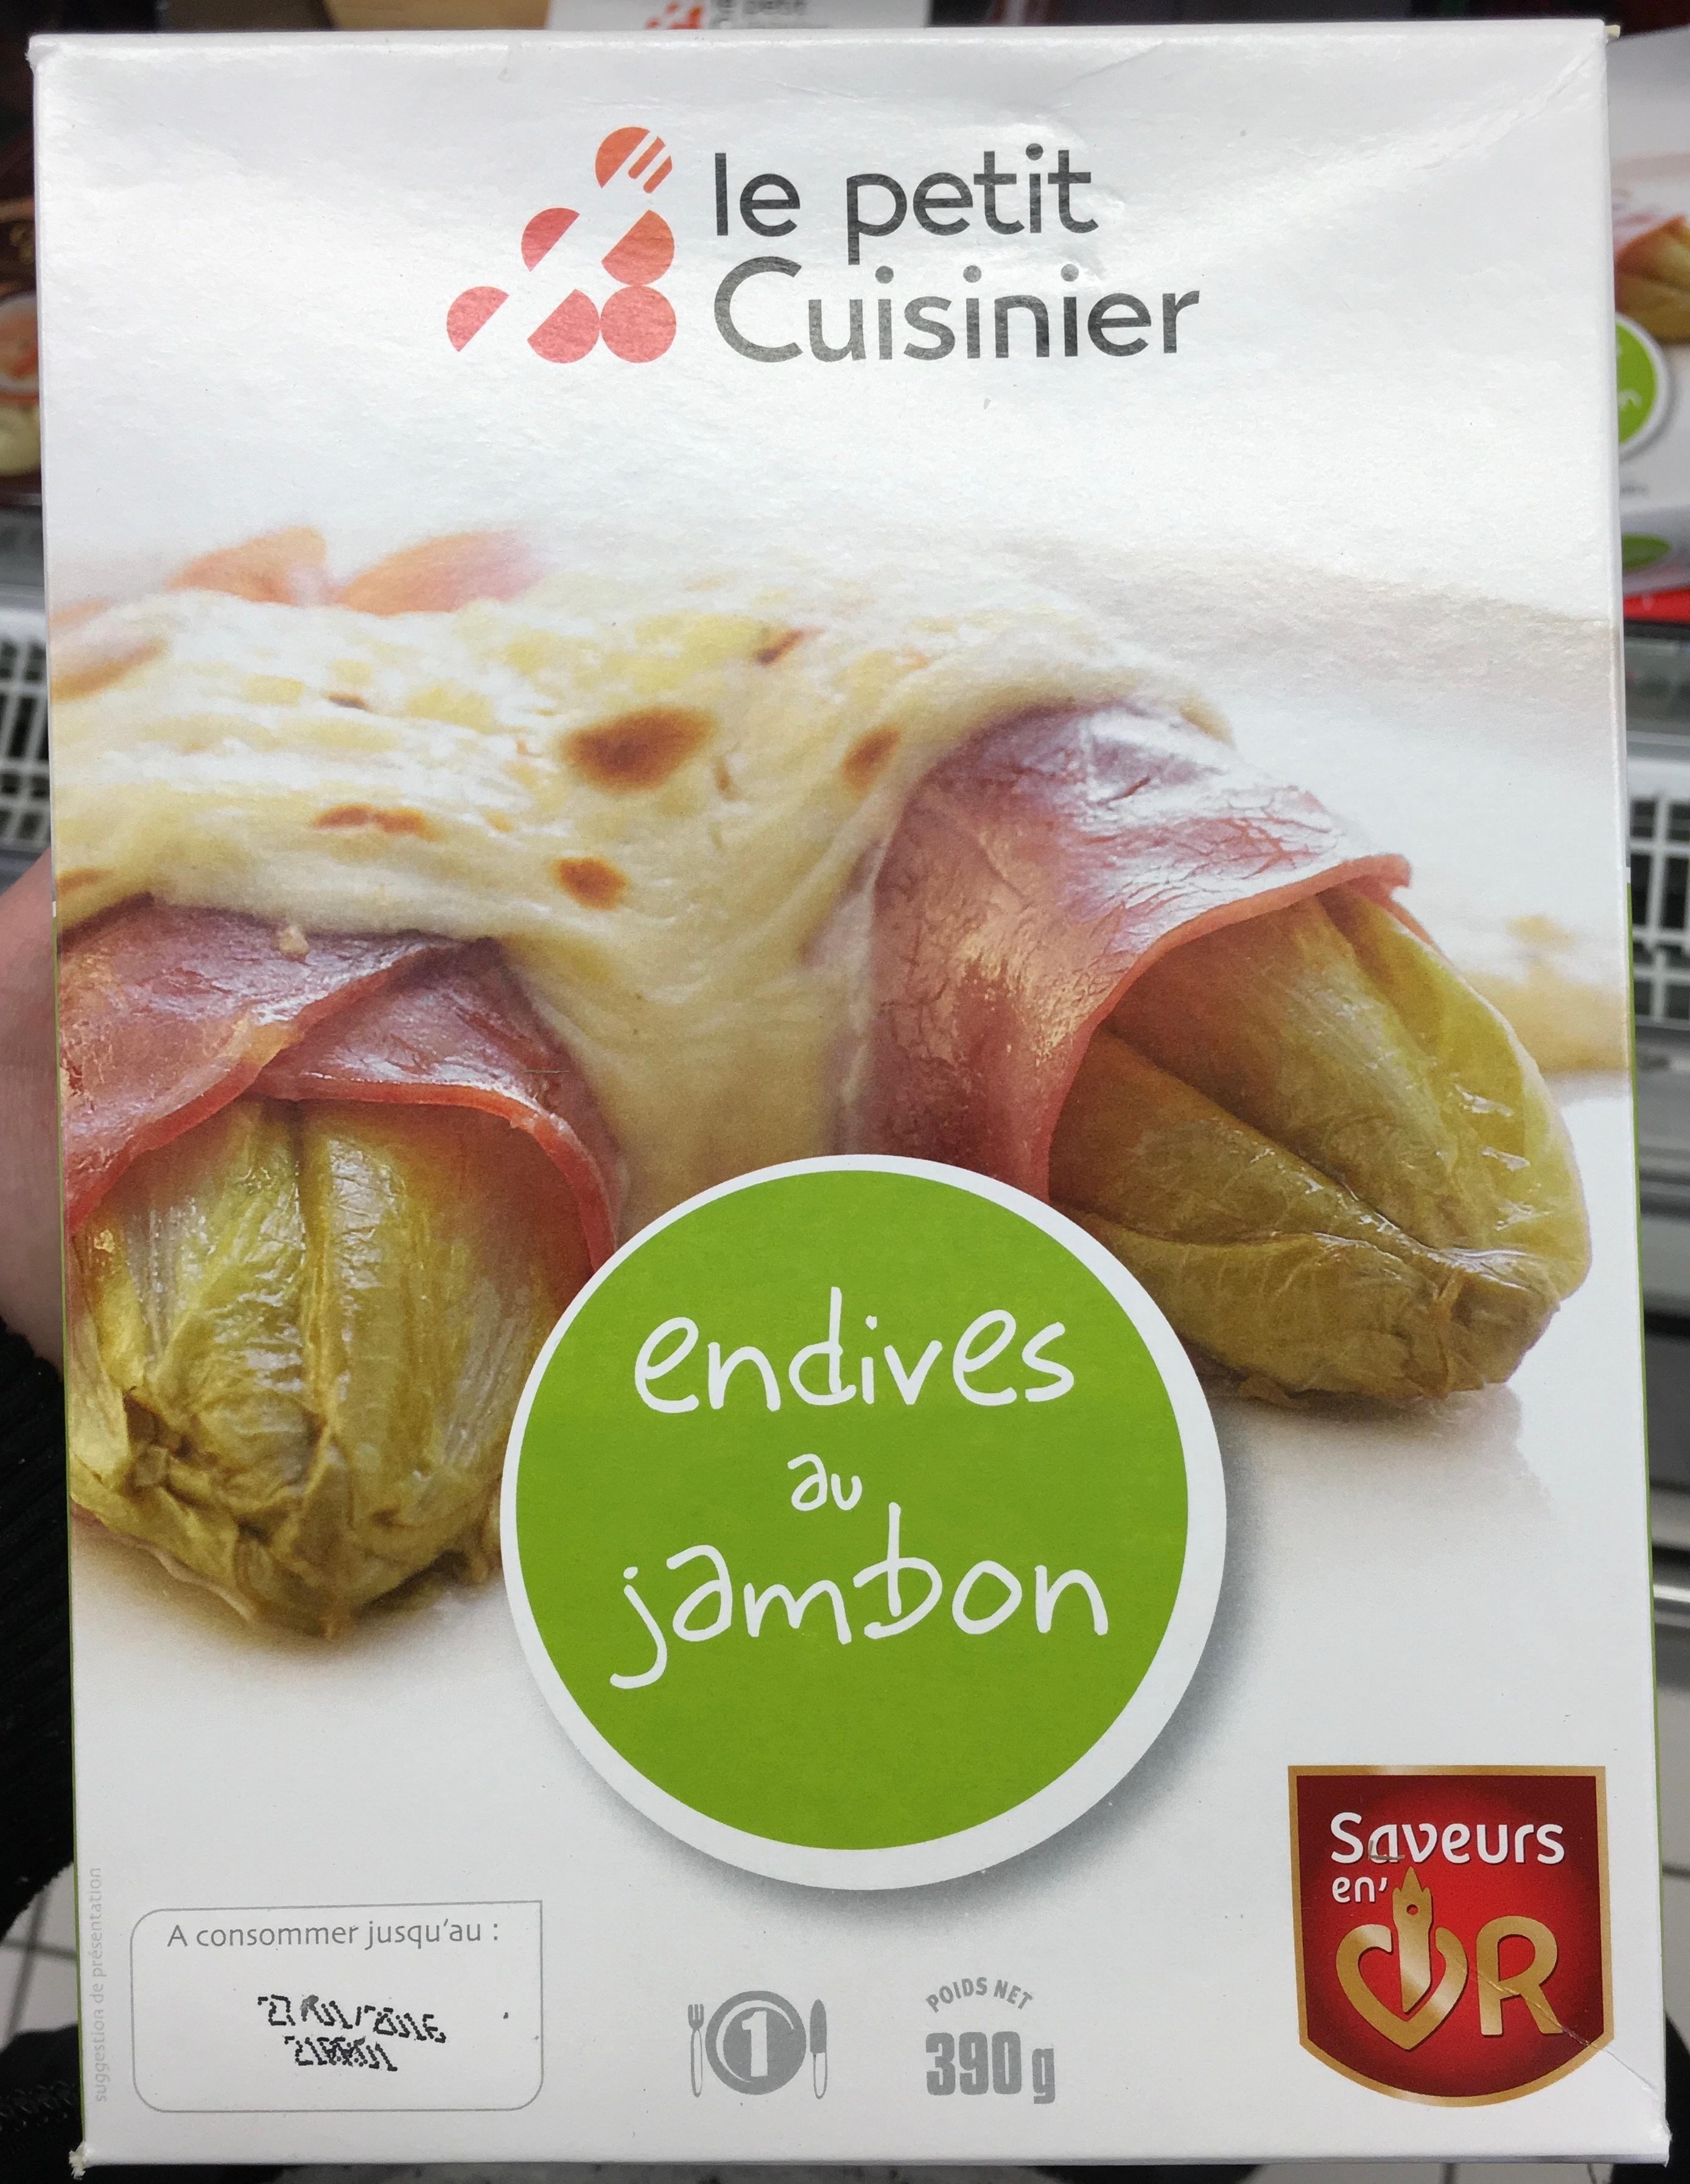 Endives au jambon le petit cuisinier 390 g for Cuisinier sel